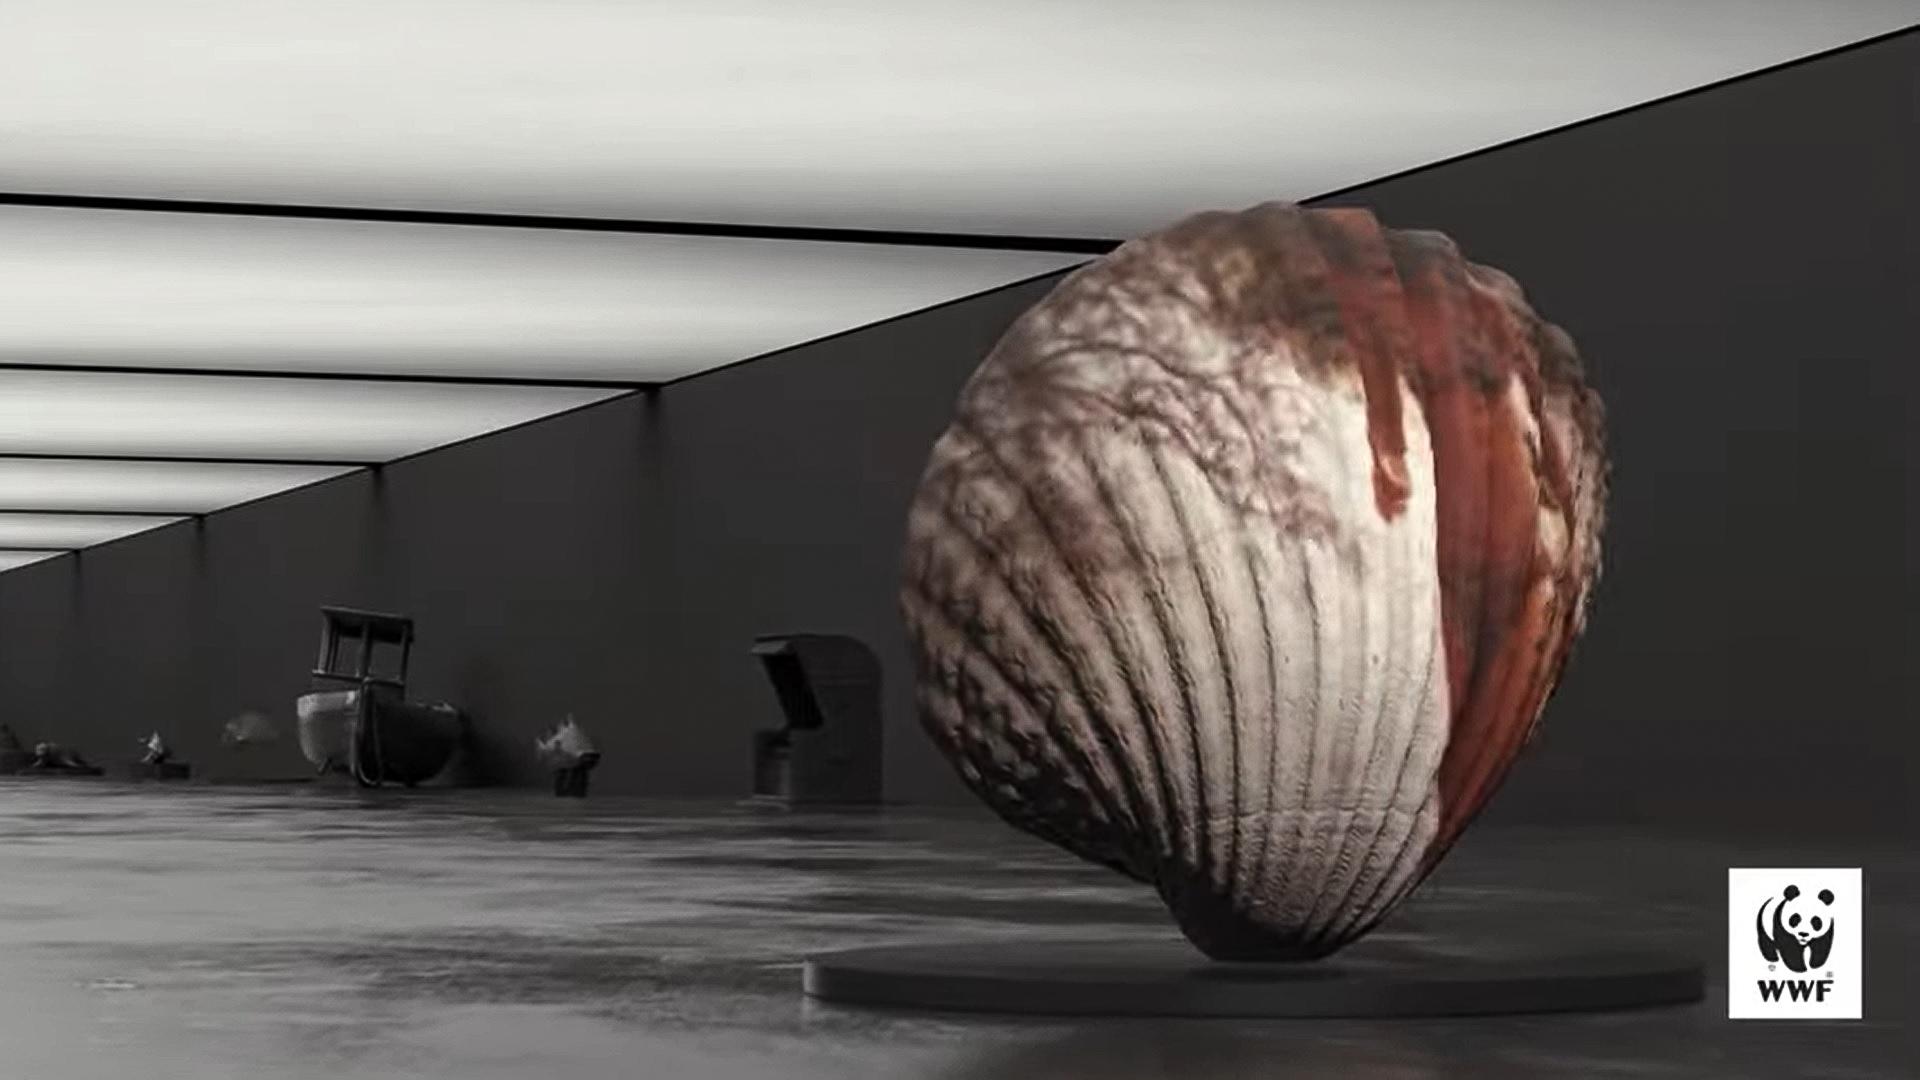 Bałtyk w wirtualnym muzeum, źródło: zrzut ekranu z video WWF Polska